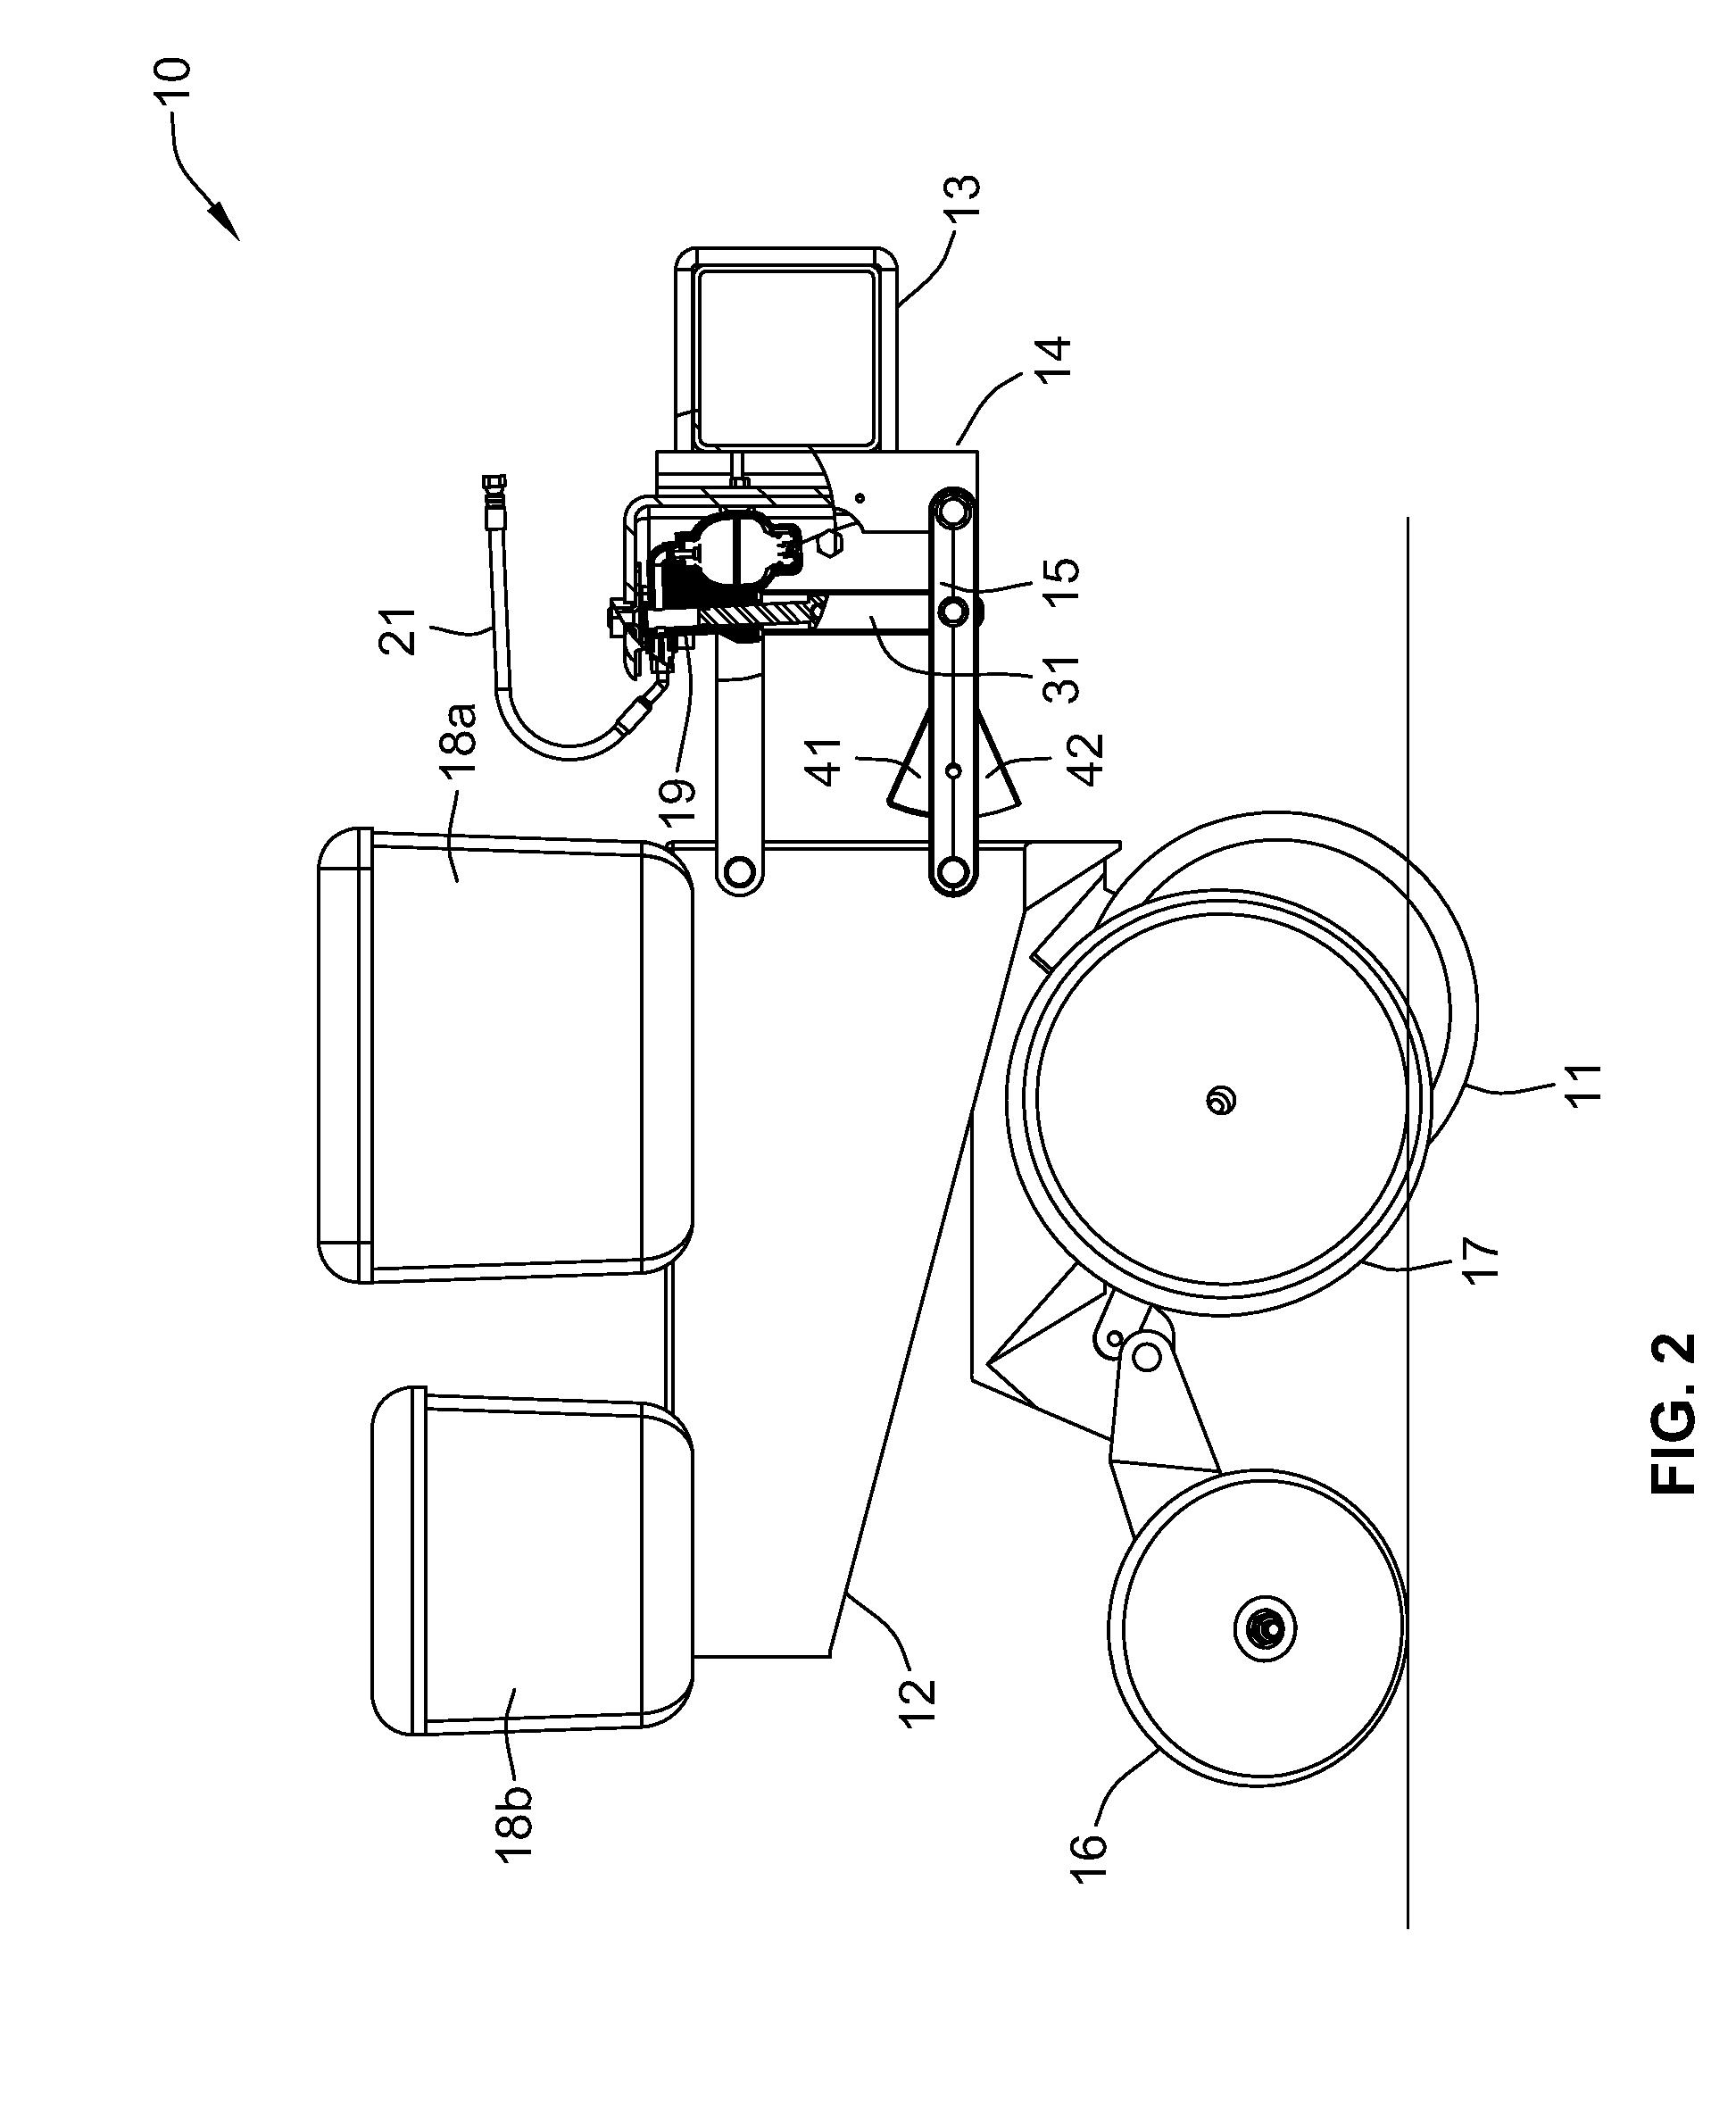 patent us8544397